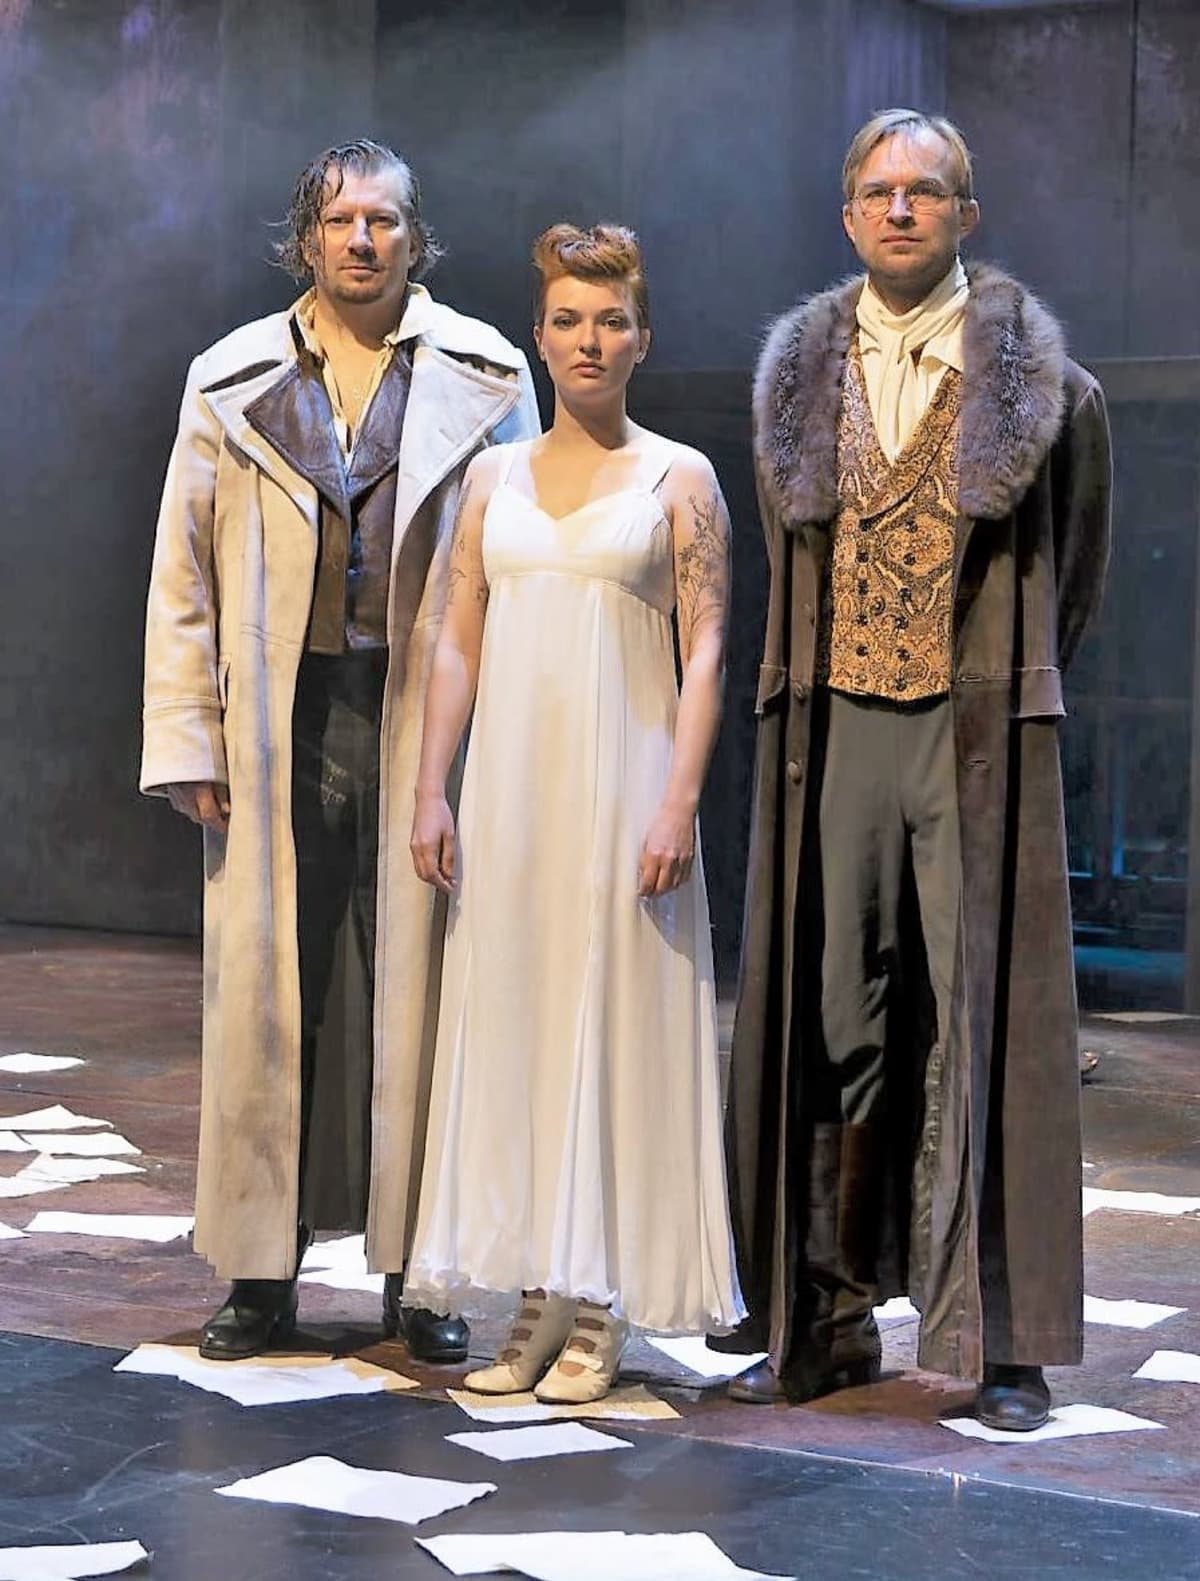 Lahden kaupunginteatterin näyttelijöitä Sota ja rauha -näytelmässä